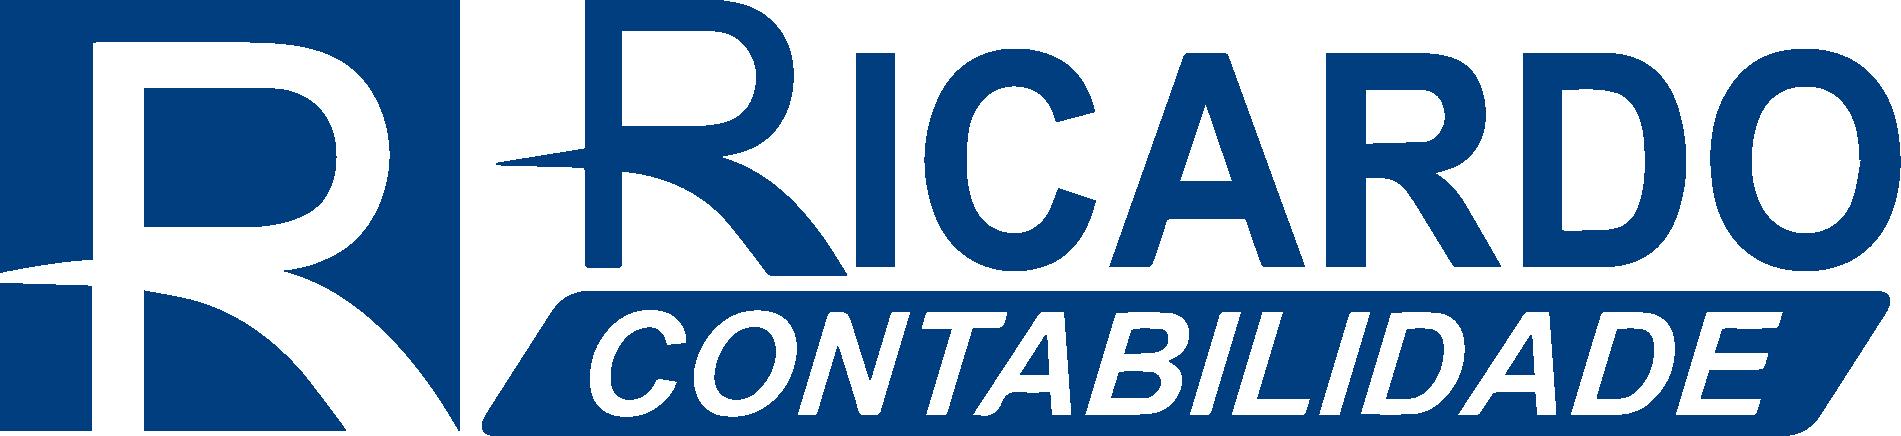 Ricardo Contabilidade